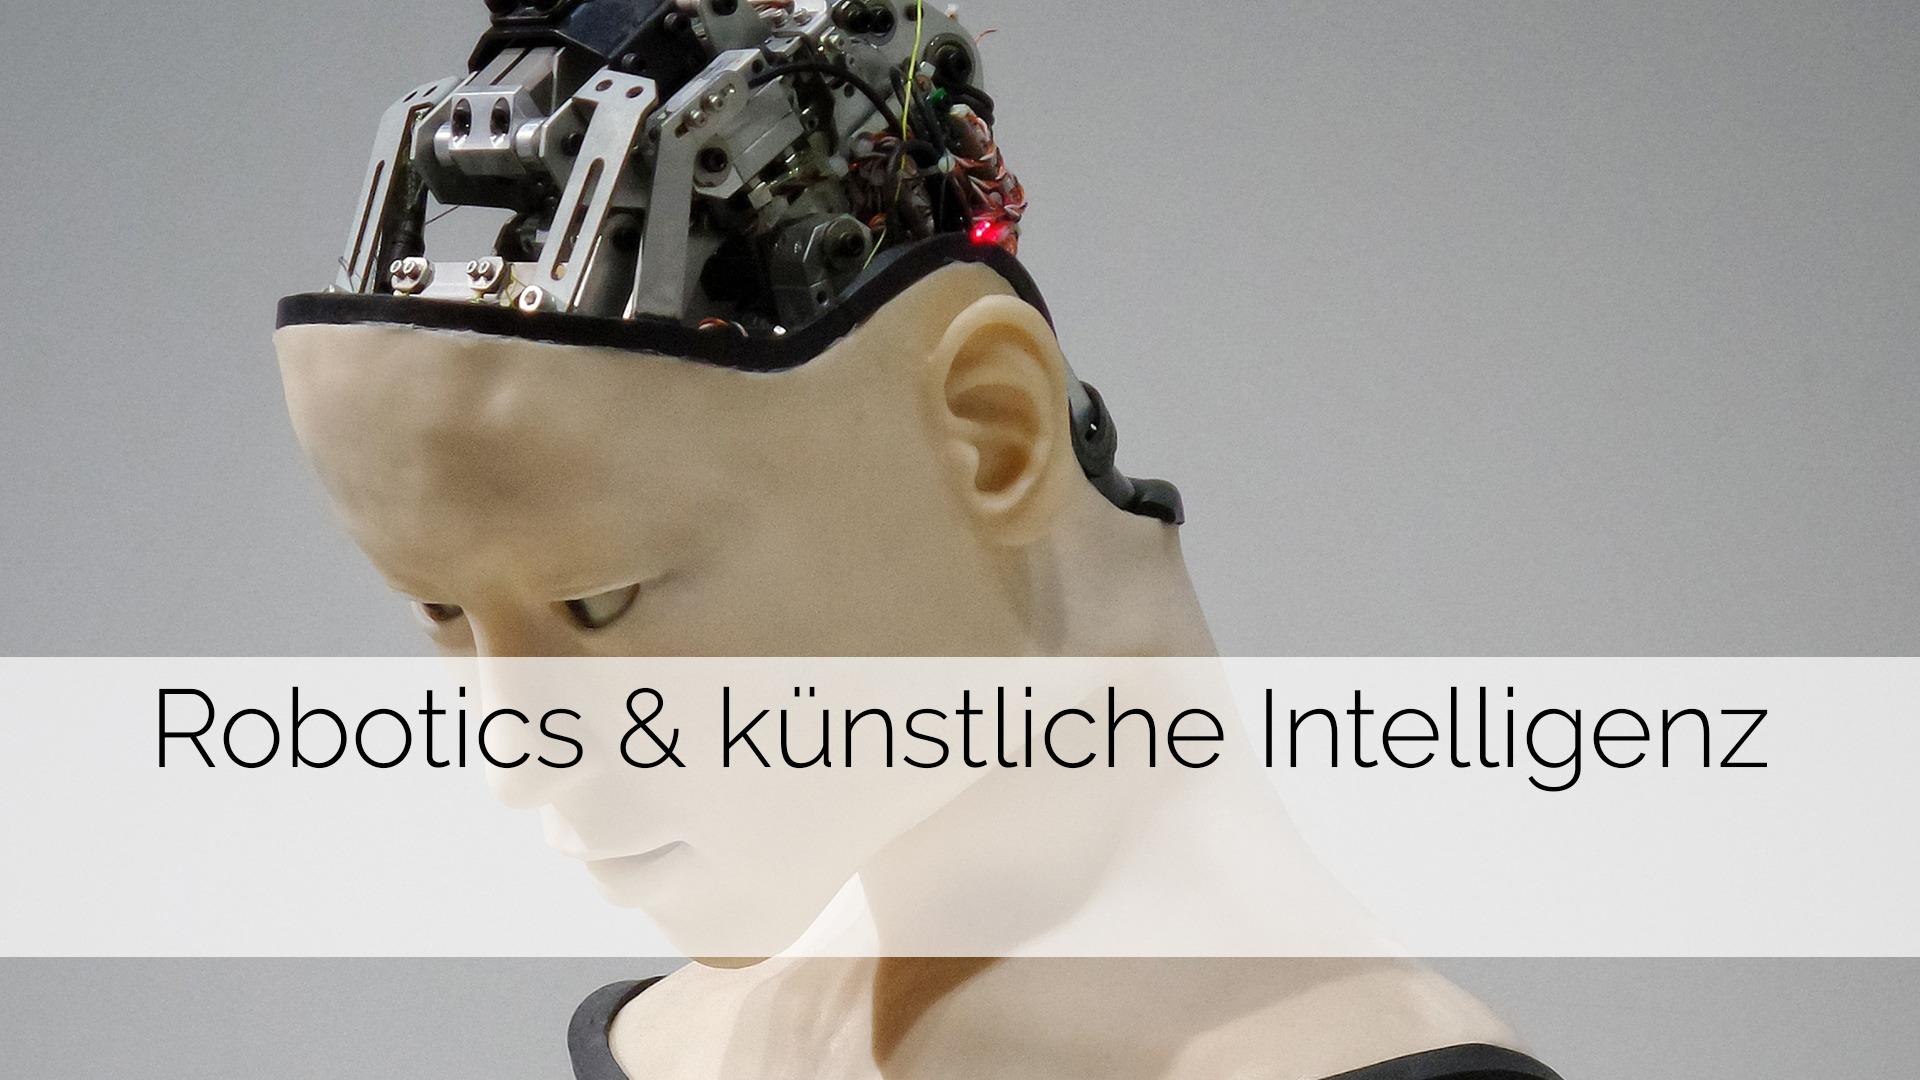 Robotics & künstliche Intelligenz